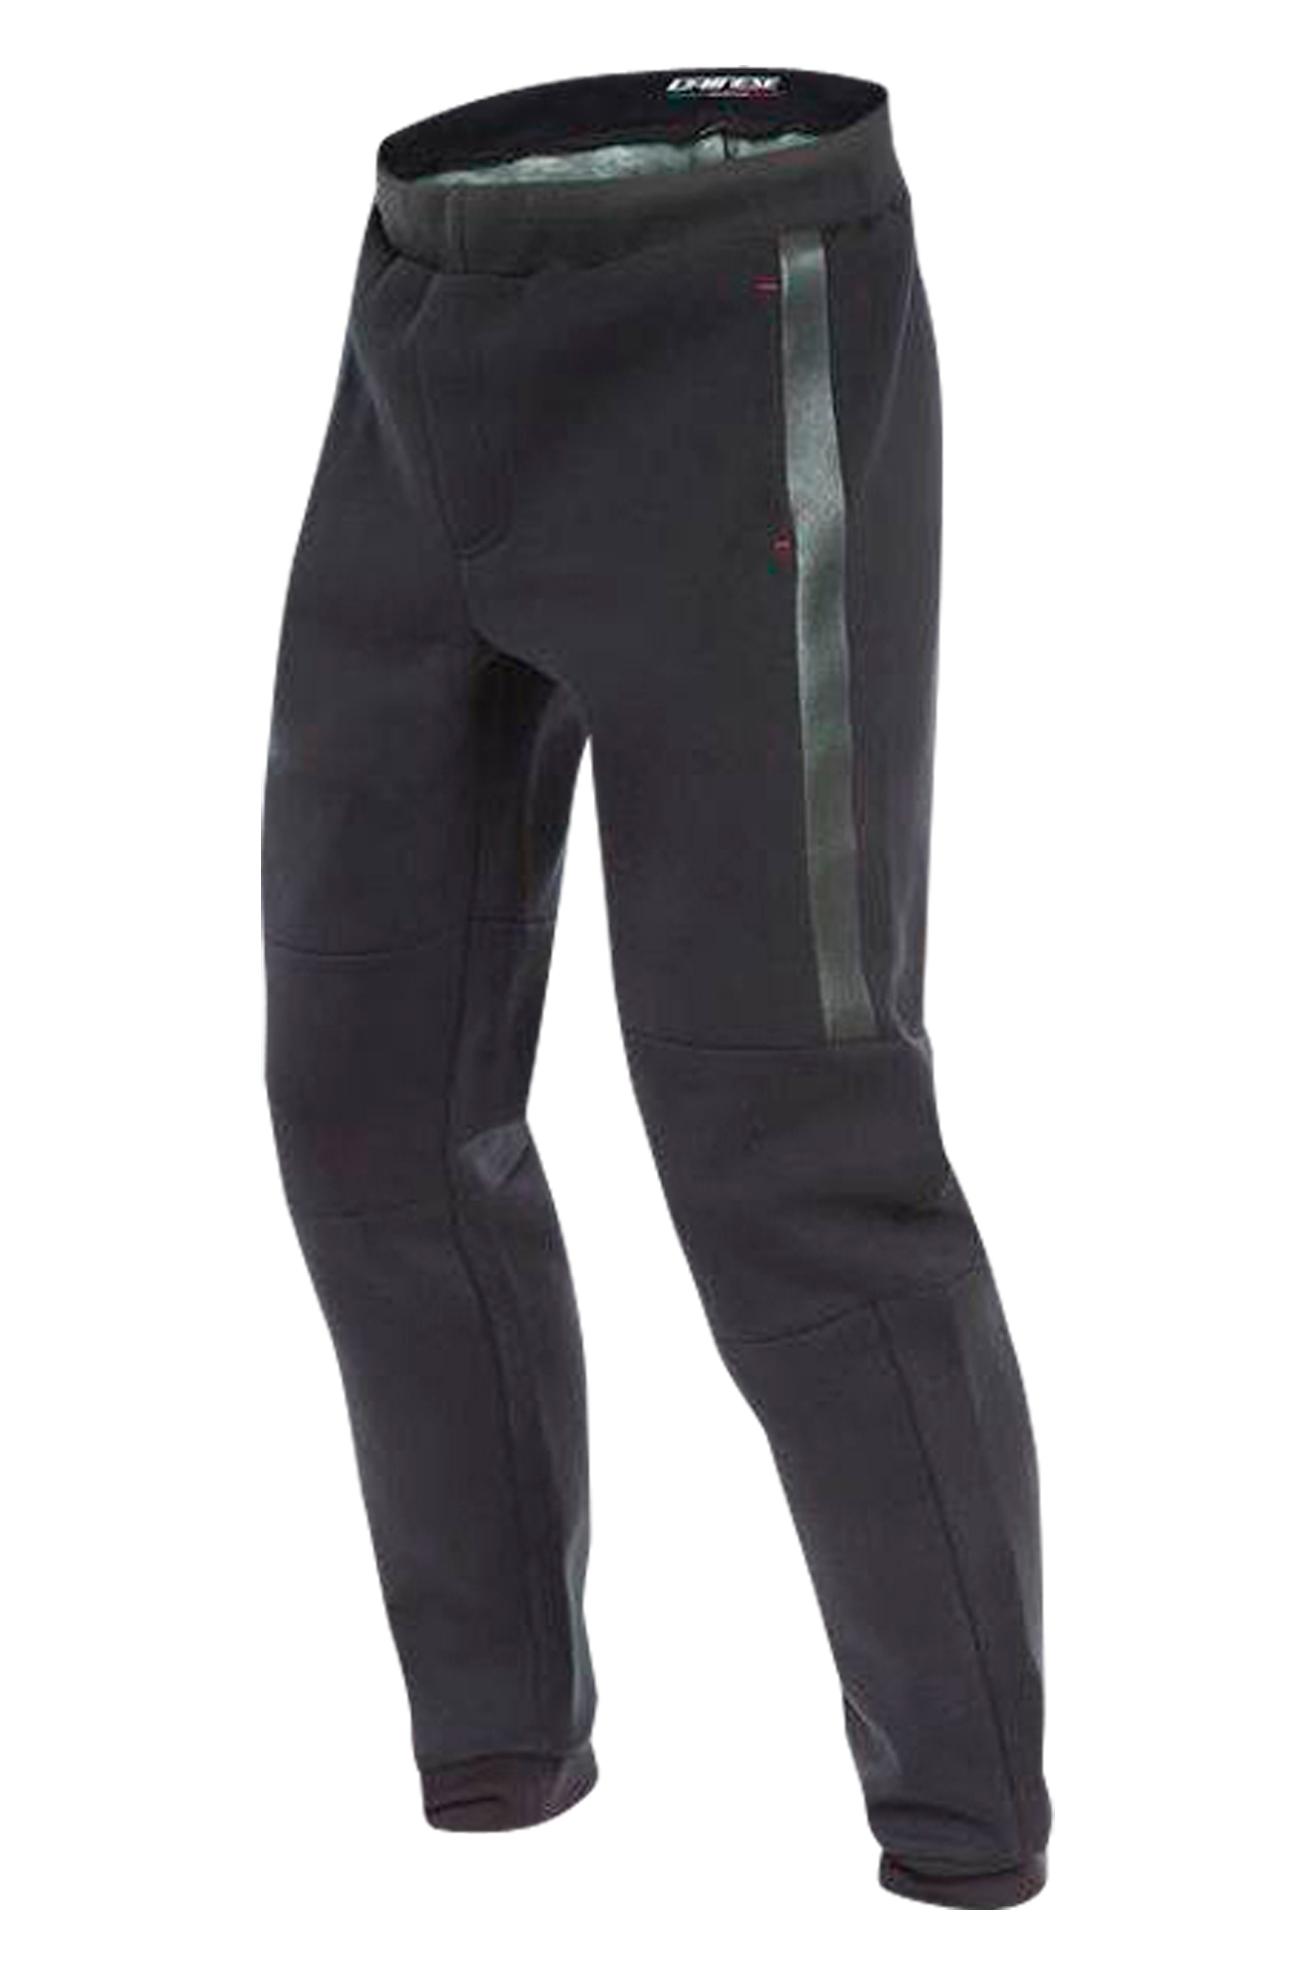 Dainese Pantaloni  Sweatpants Neri